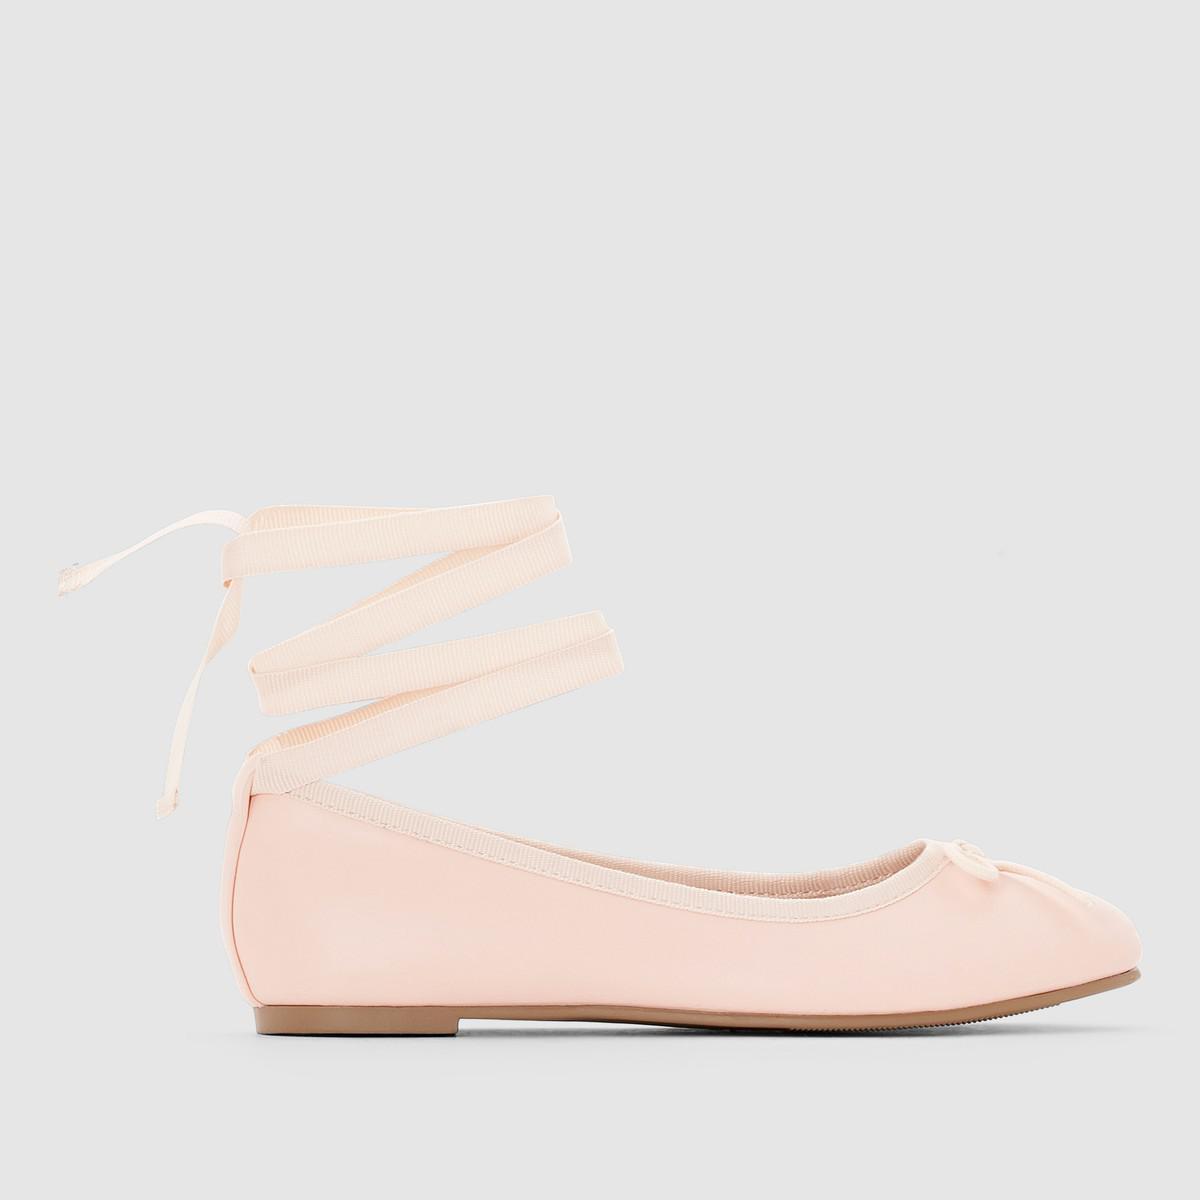 eaab690730fa Lyst - La Redoute Ballerina-style Ballet Pumps in Pink